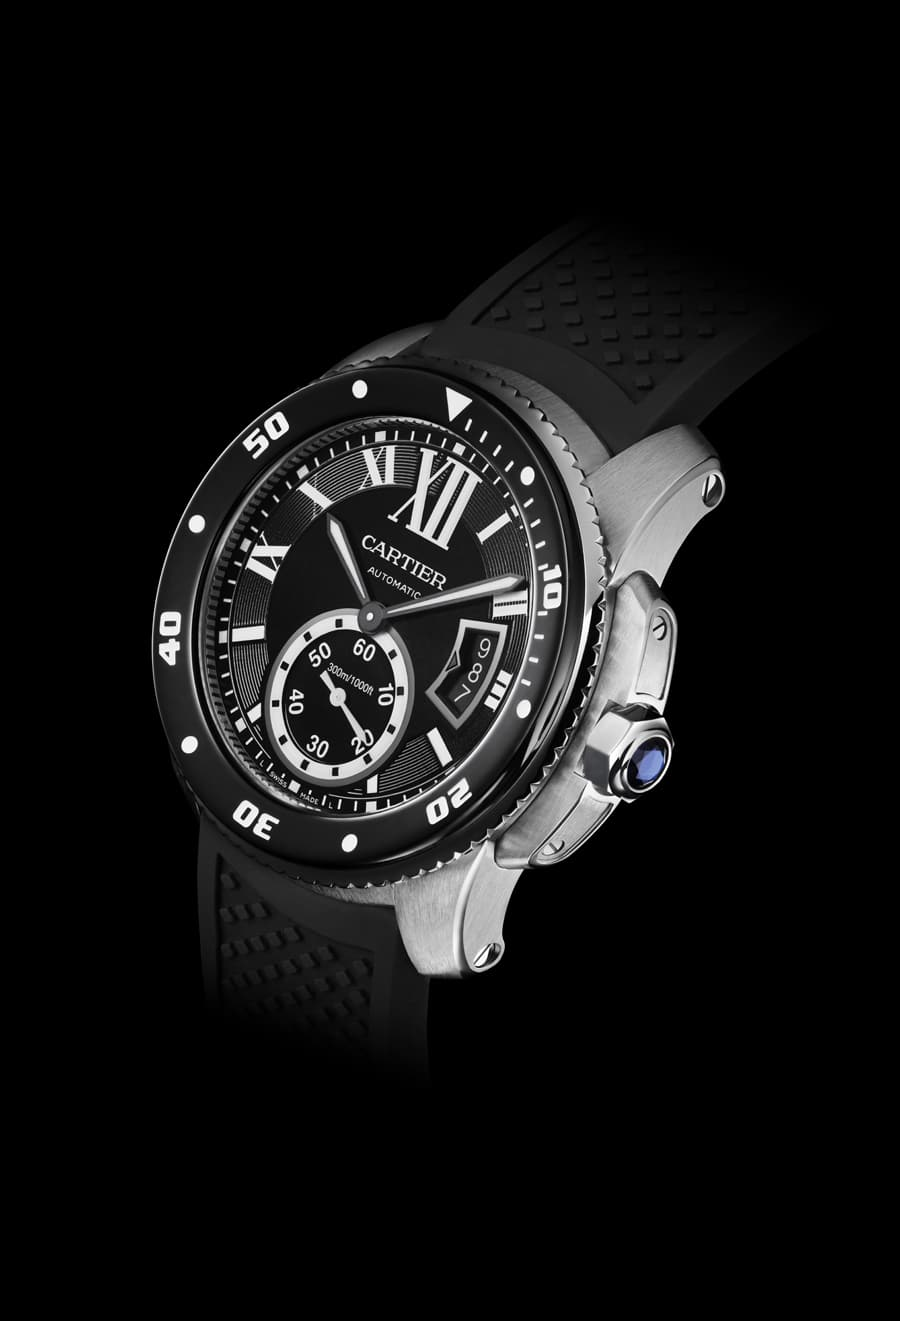 Cartier: Calibre de Cartier Diver